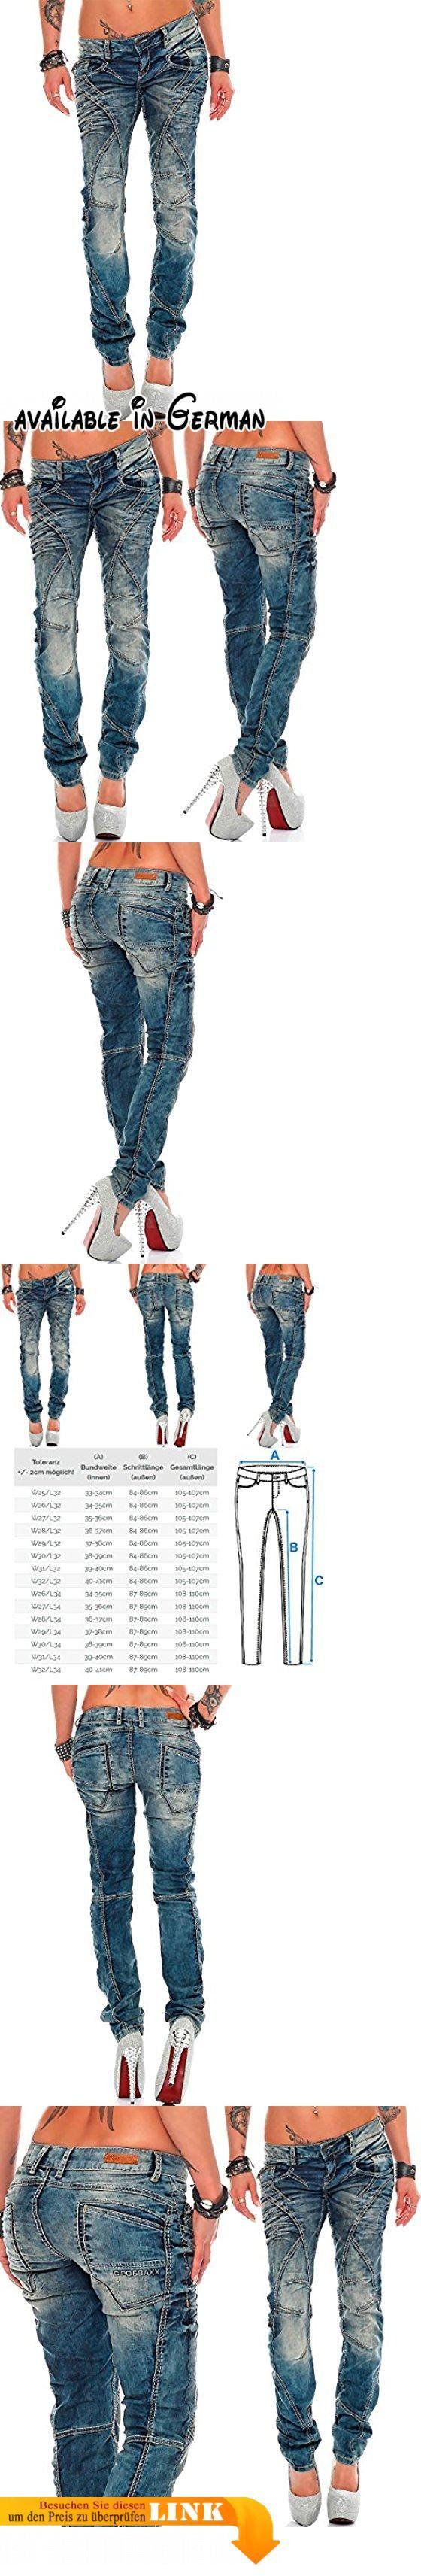 Cipo & Baxx Sexy Damen Jeans Hose Hüftjeans Skinny Regular Fit Stretch Röhre Design Dicke Naht Ziernähte W32/L32. Model 14 - bans24 - Cipo & Baxx. BITTE ACHTEN SIE UNBEDINGT AUF DIE GRÖßENTABELLE (SIEHE BILD). Regular Fit. Teilungsnahte am Bein. Der Verschluss besteht aus einem Knopf und einem Reißverschluss #Apparel #PANTS